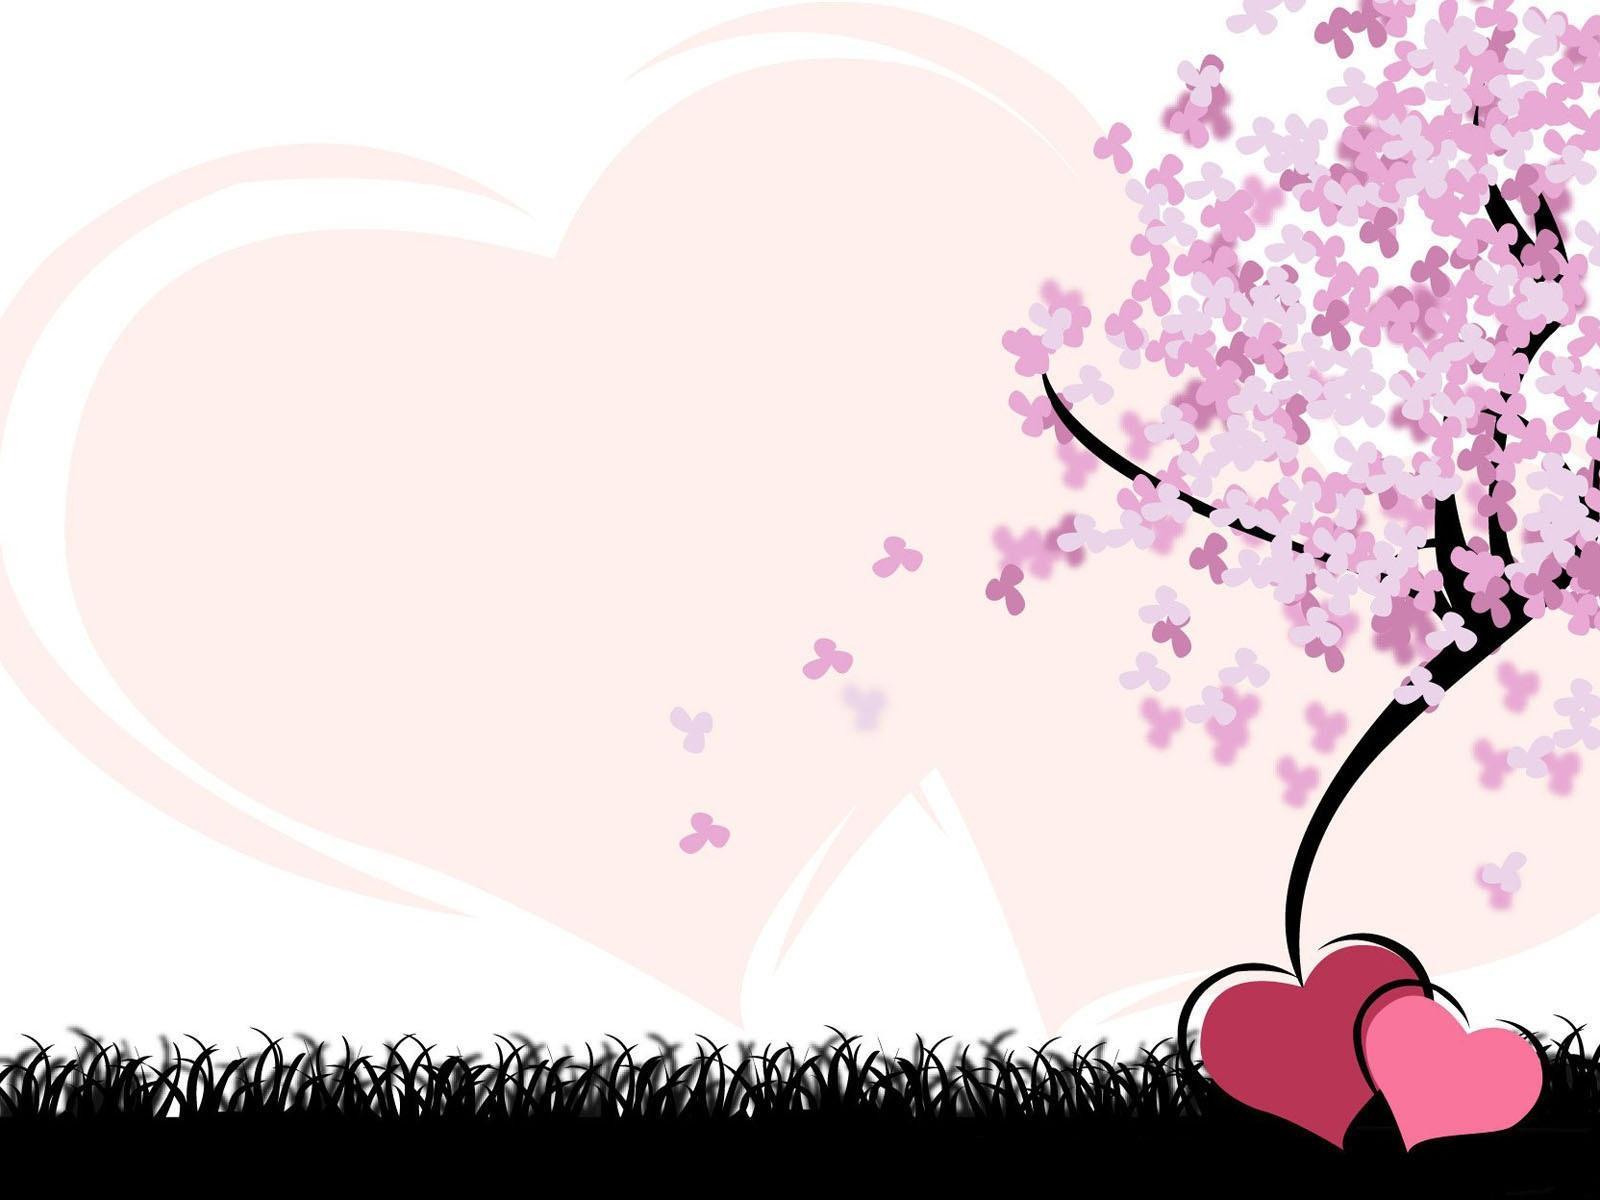 Frases de amor   imagenes bonitas   Frasesparaelamor.com